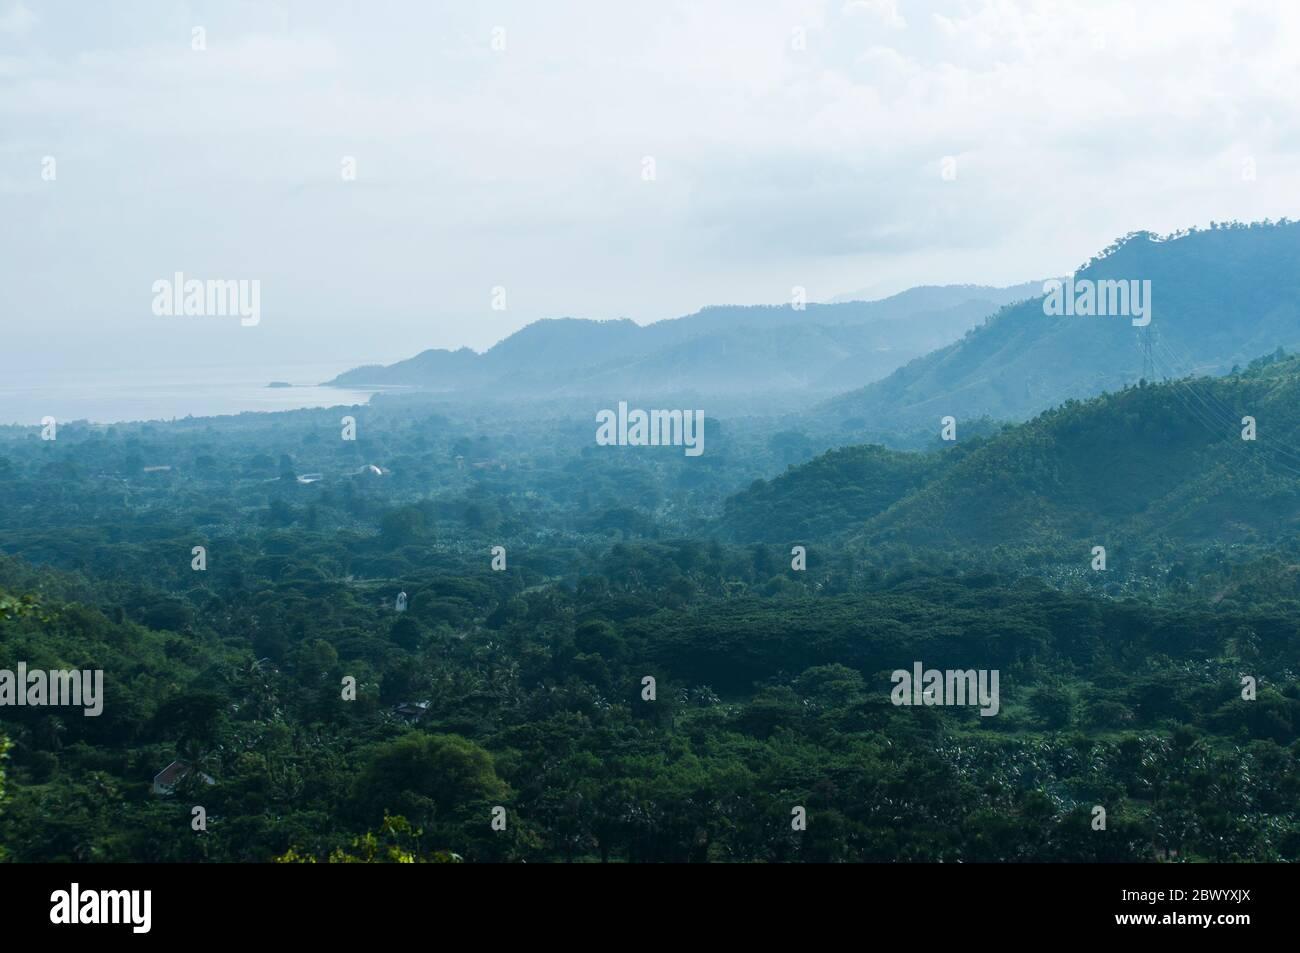 Magnifique paysage avec vue sur la nature de la forêt à Manatuto Timor Leste Banque D'Images